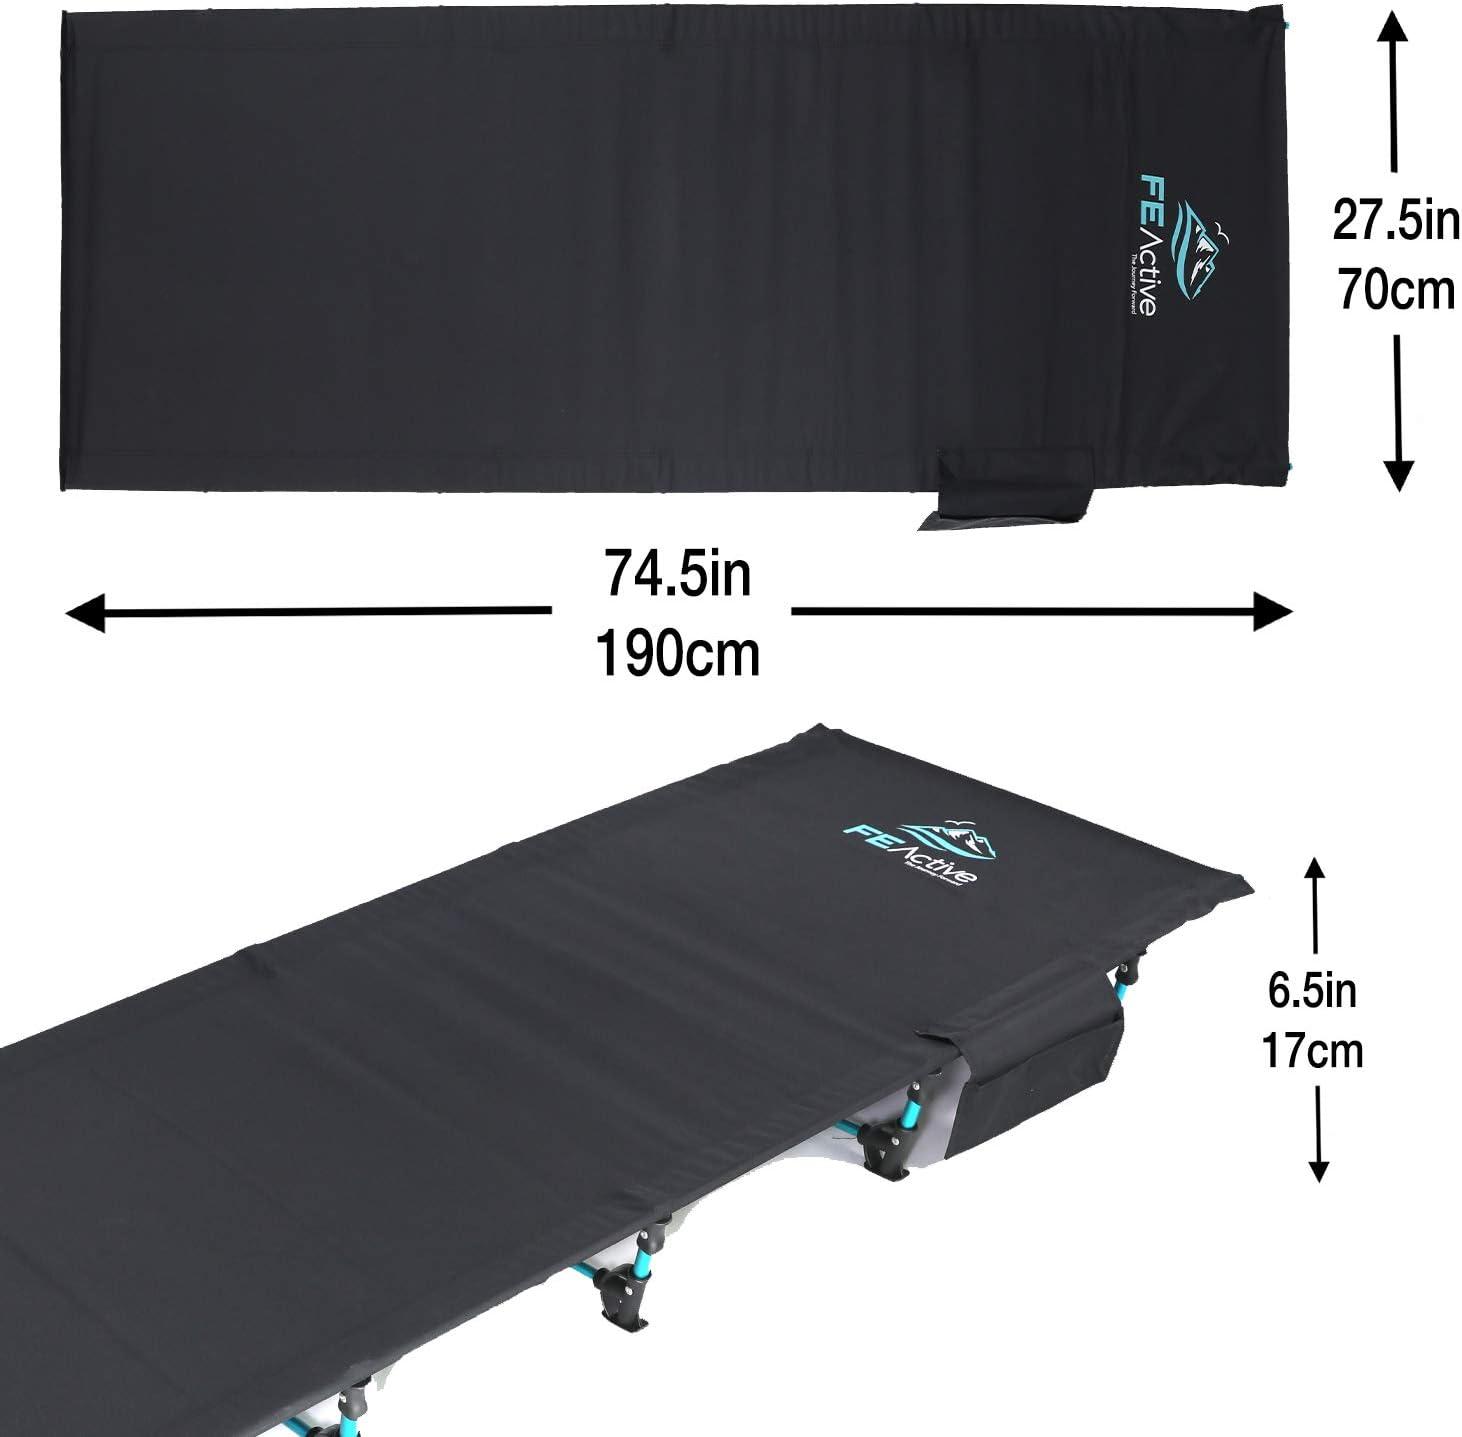 FE Active Cama Plegable Compacta - Cama de Camping Portátil Ultraligera Fuerte y Resistente. Cómoda para Adultos y Niños. Ideal para Acampar. Se ...